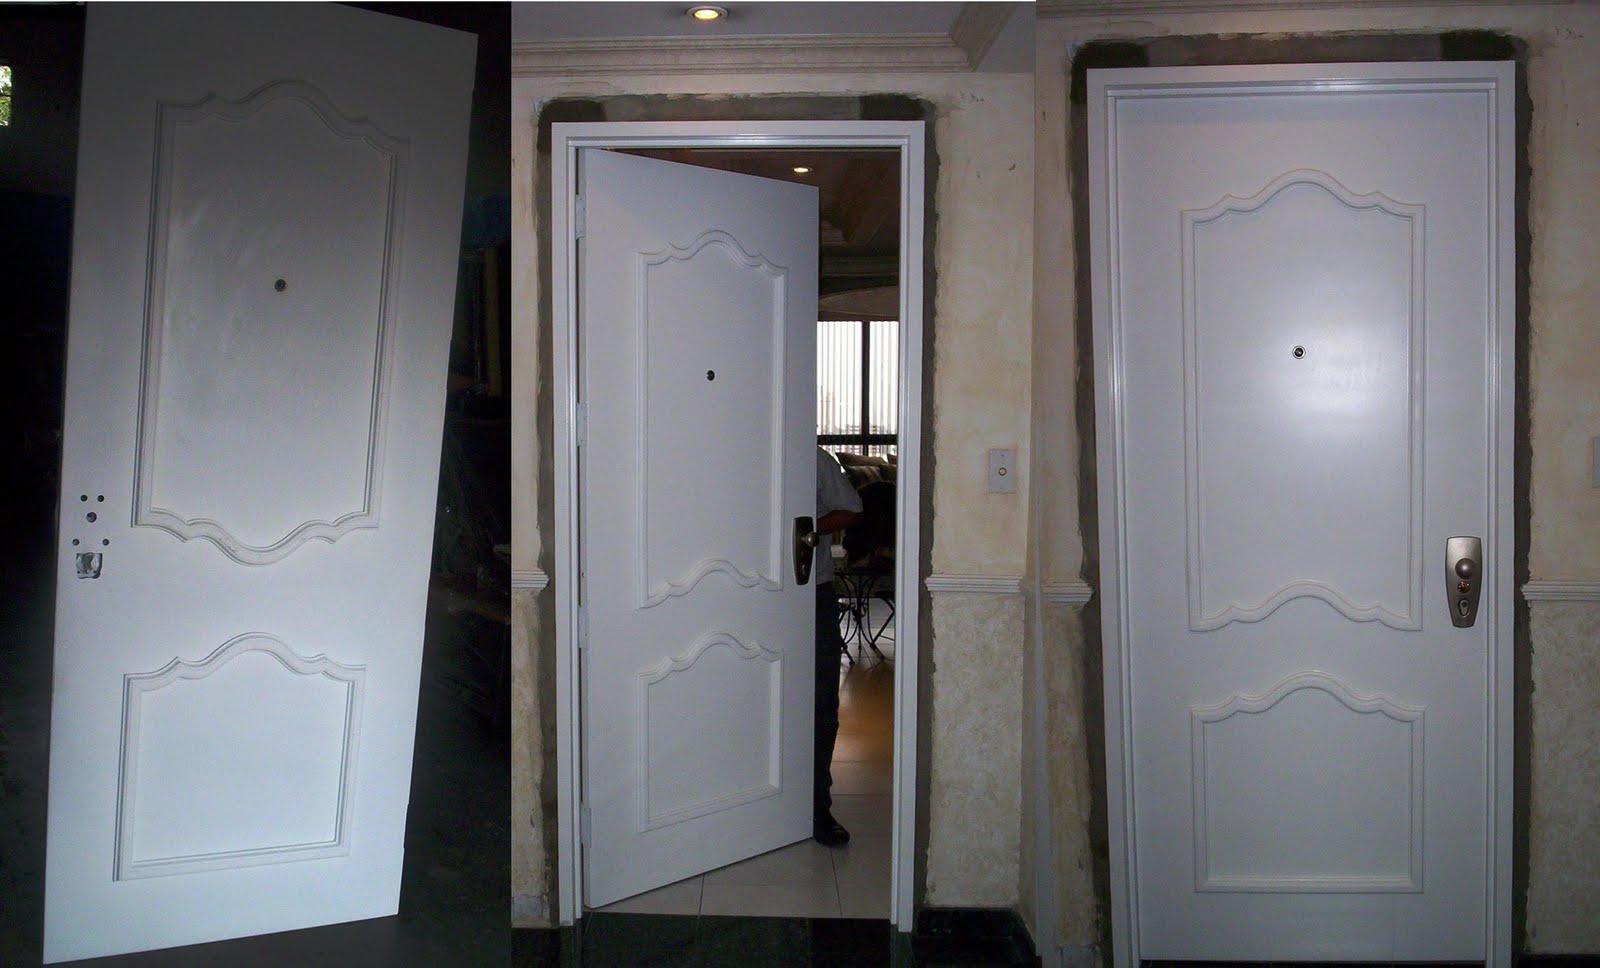 Cerrajeria tecnica especializada puerta lisa tipo c con - Puertas lisas blancas ...